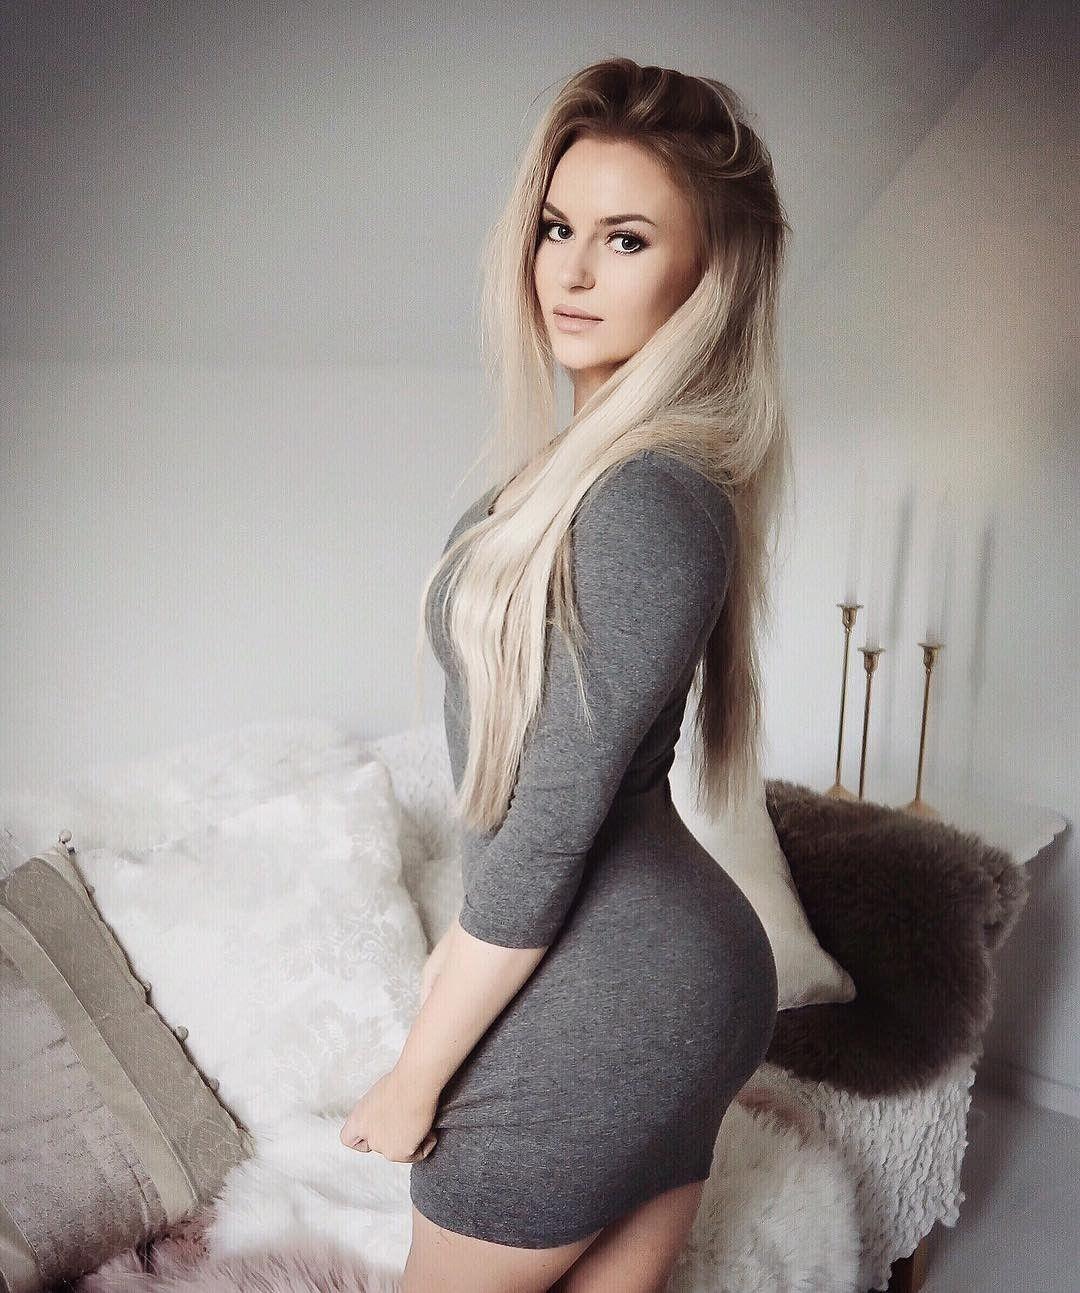 Sexy mature woman body